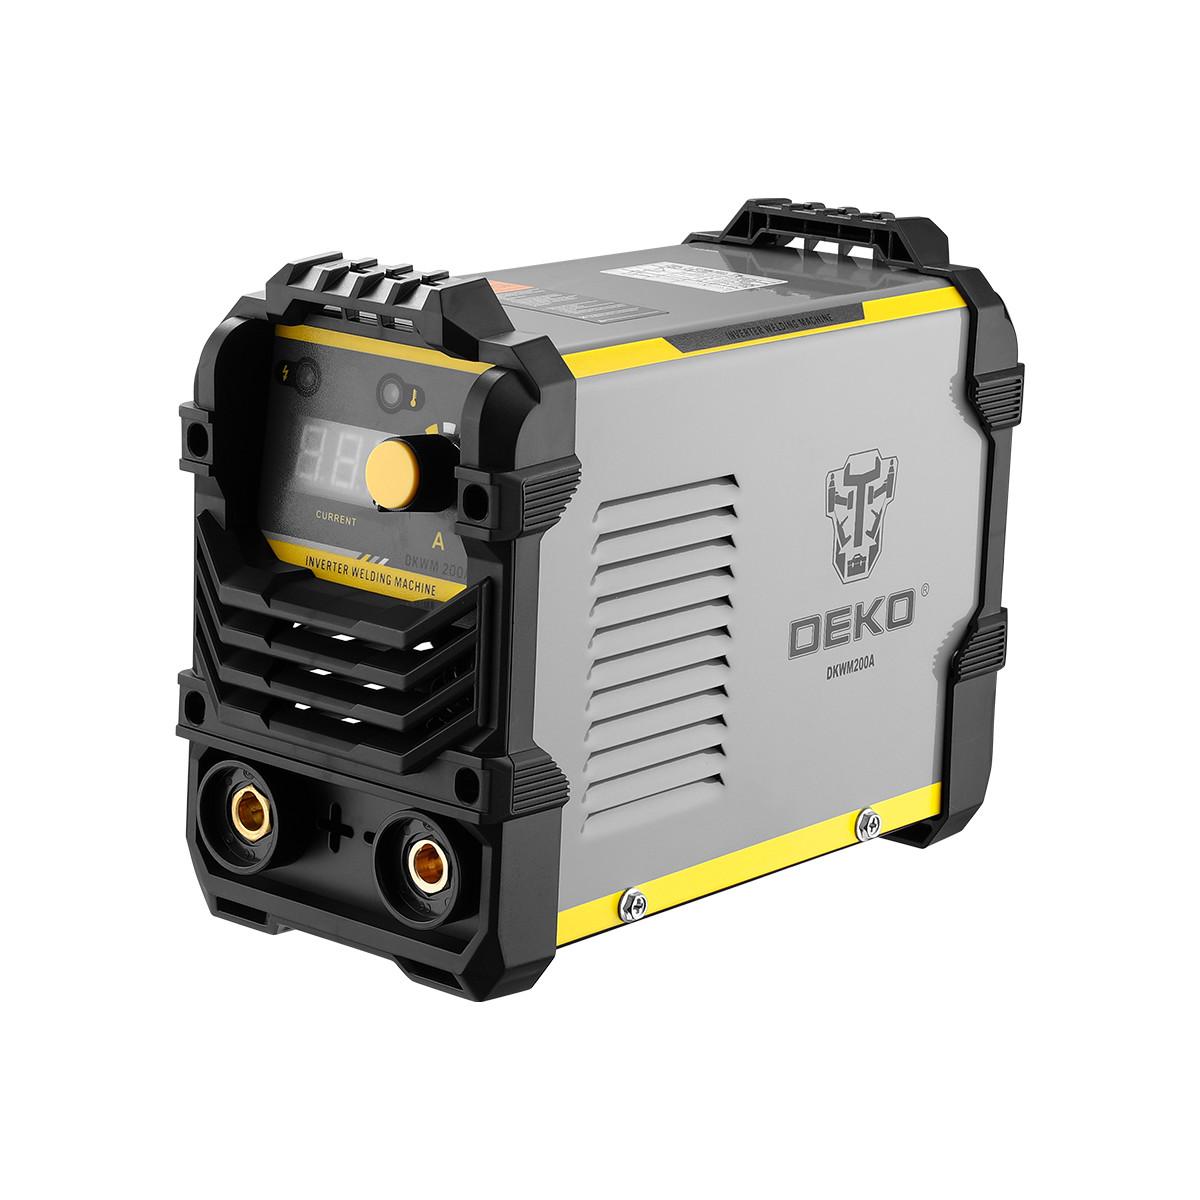 Дуговой Сварочный Инвертор Deko Dkwm200a 200 А До 5 051-4670